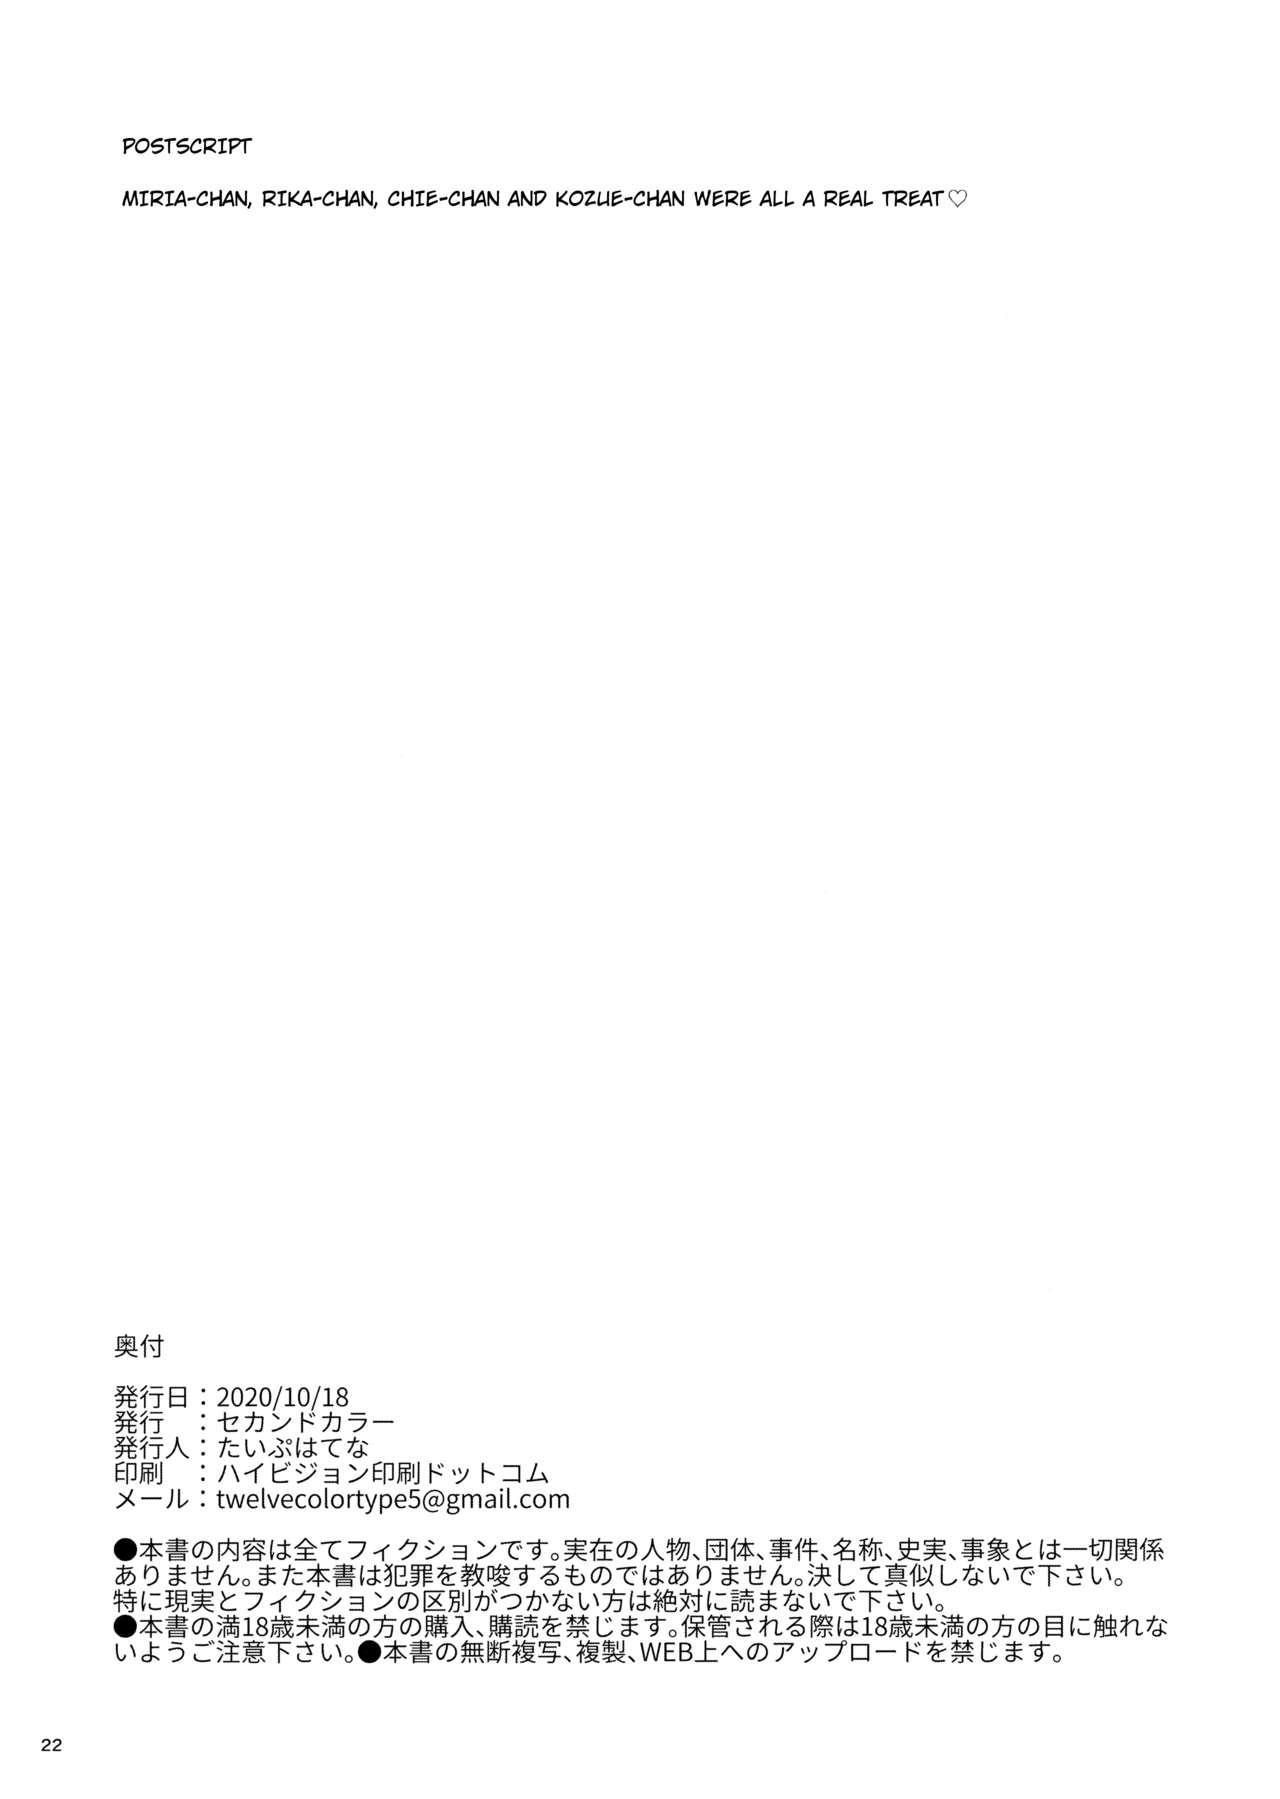 Totokira Gakuen Nama Honban SP | Totokira Academy Live Raw and Uncut SP 20